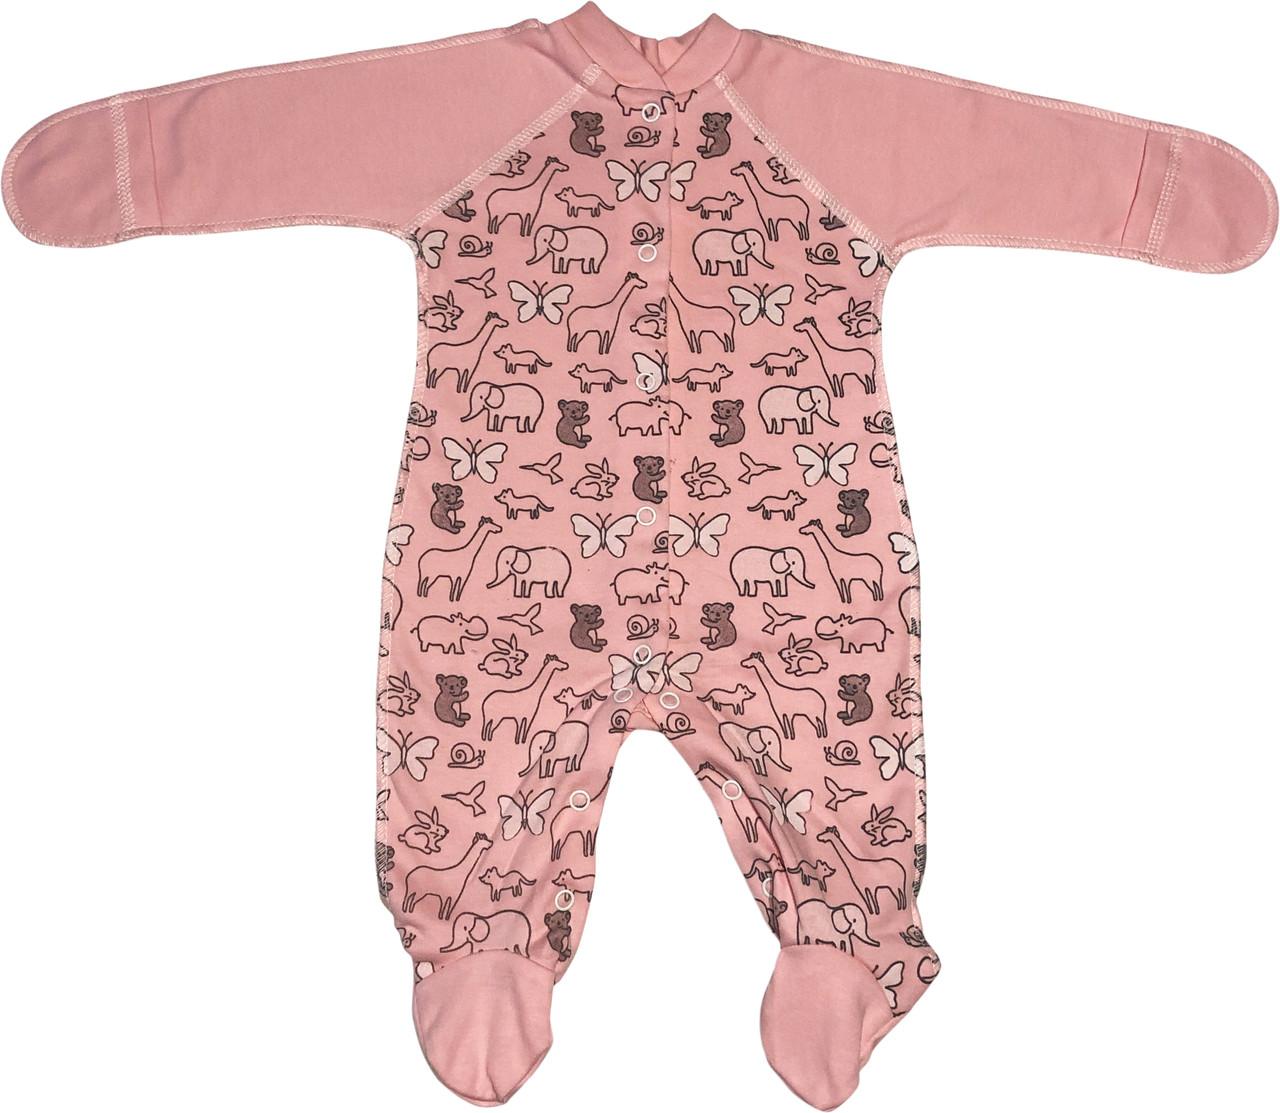 Детский тёплый человечек с начёсом рост 62 2-3 мес трикотажный интерлок розовый на девочку слип с закрытыми ручками для новорожденных малышей Р066